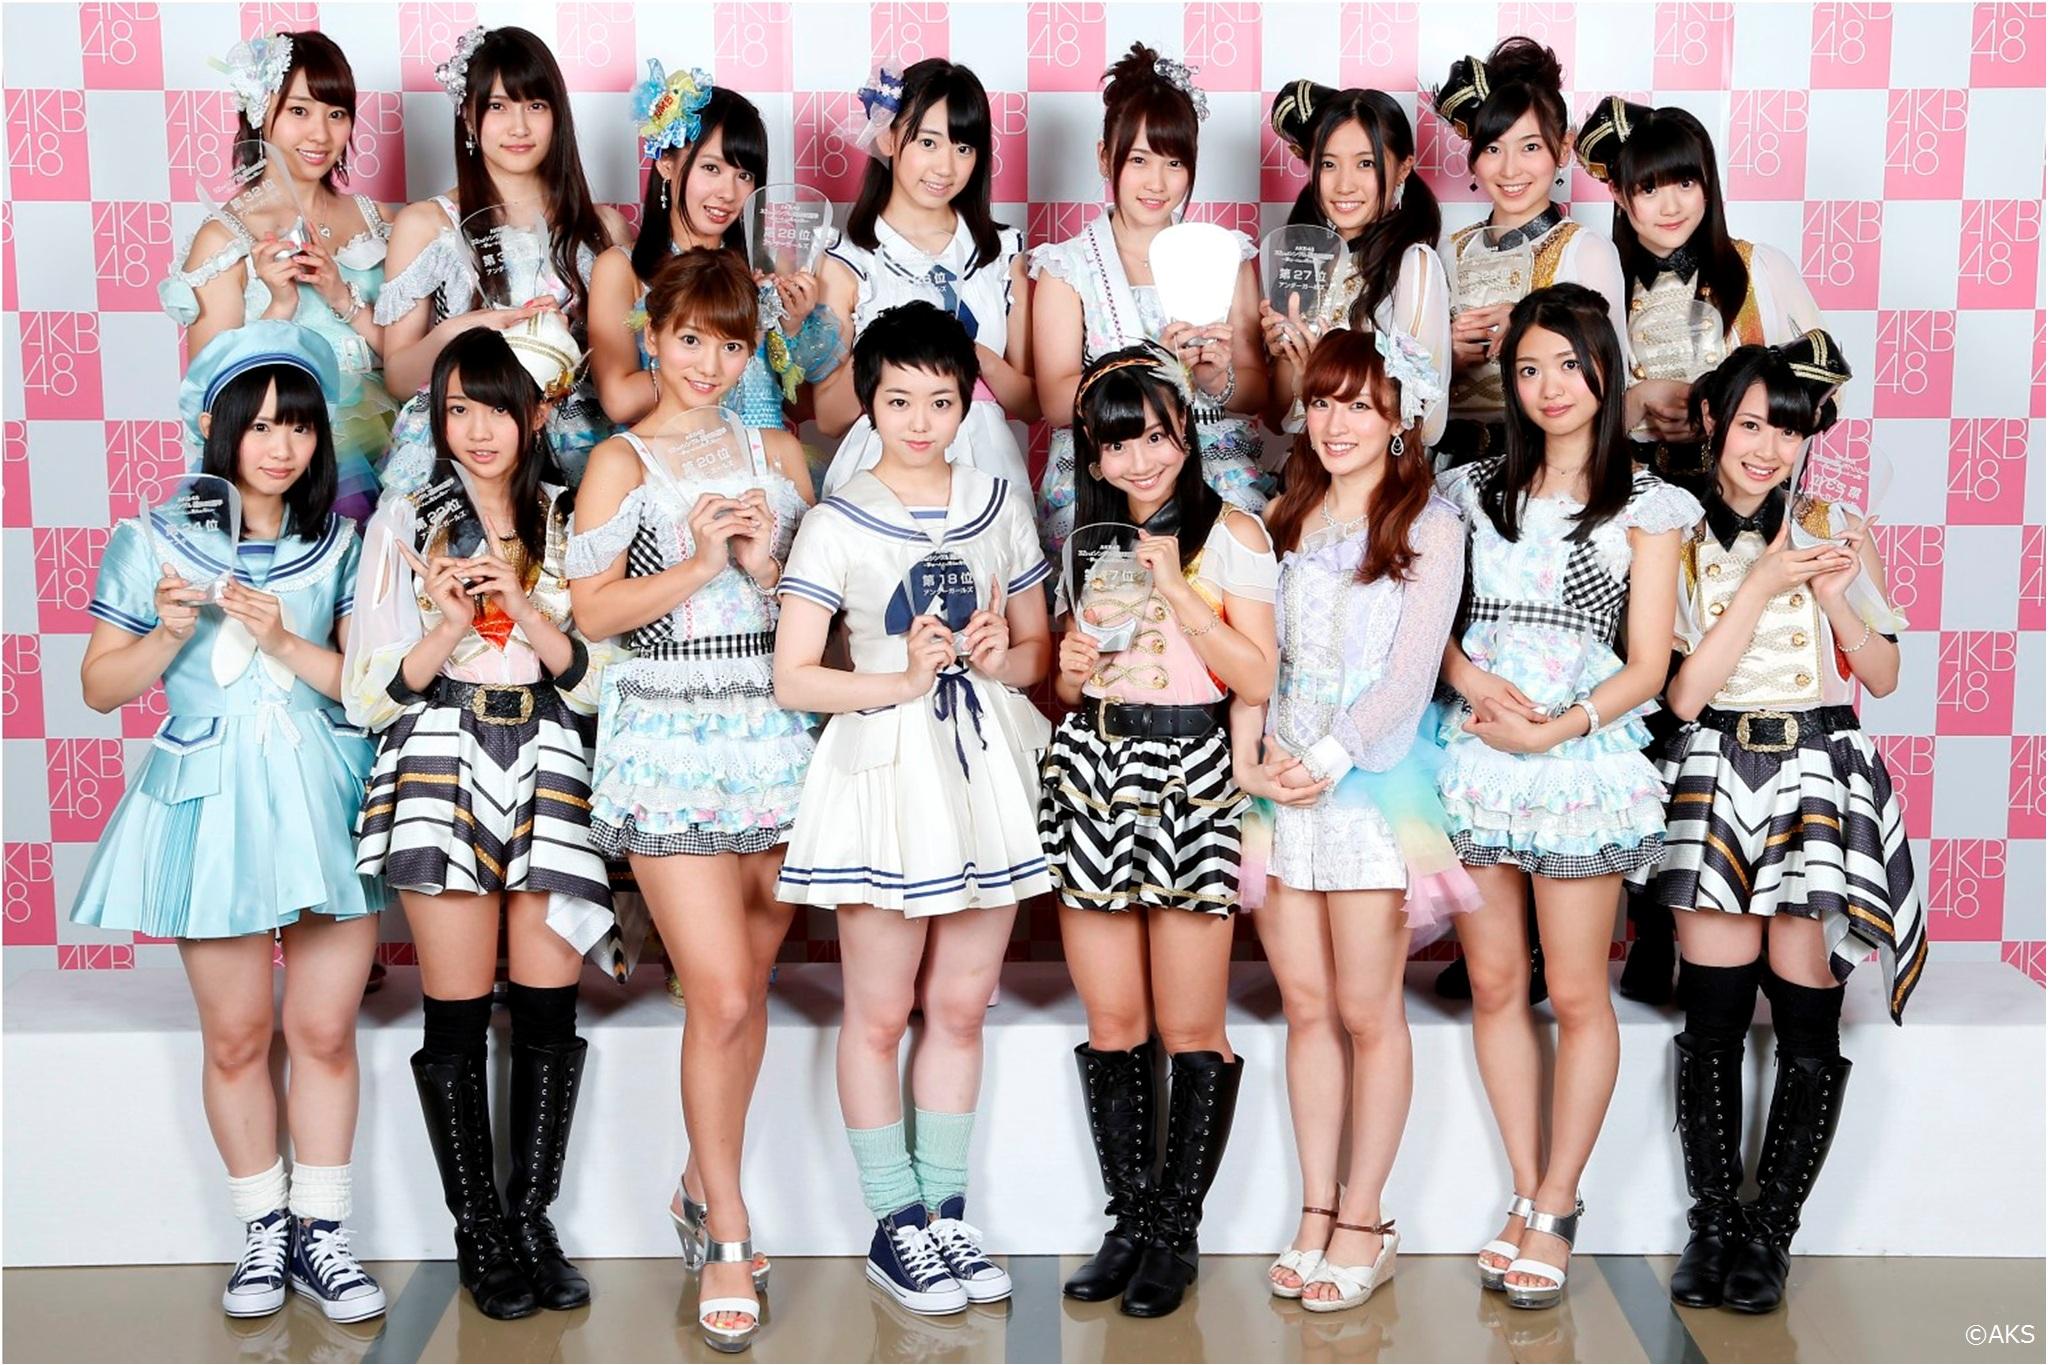 Akb48公式サイト Akb48 32ndシングル 選抜総選挙 投票結果